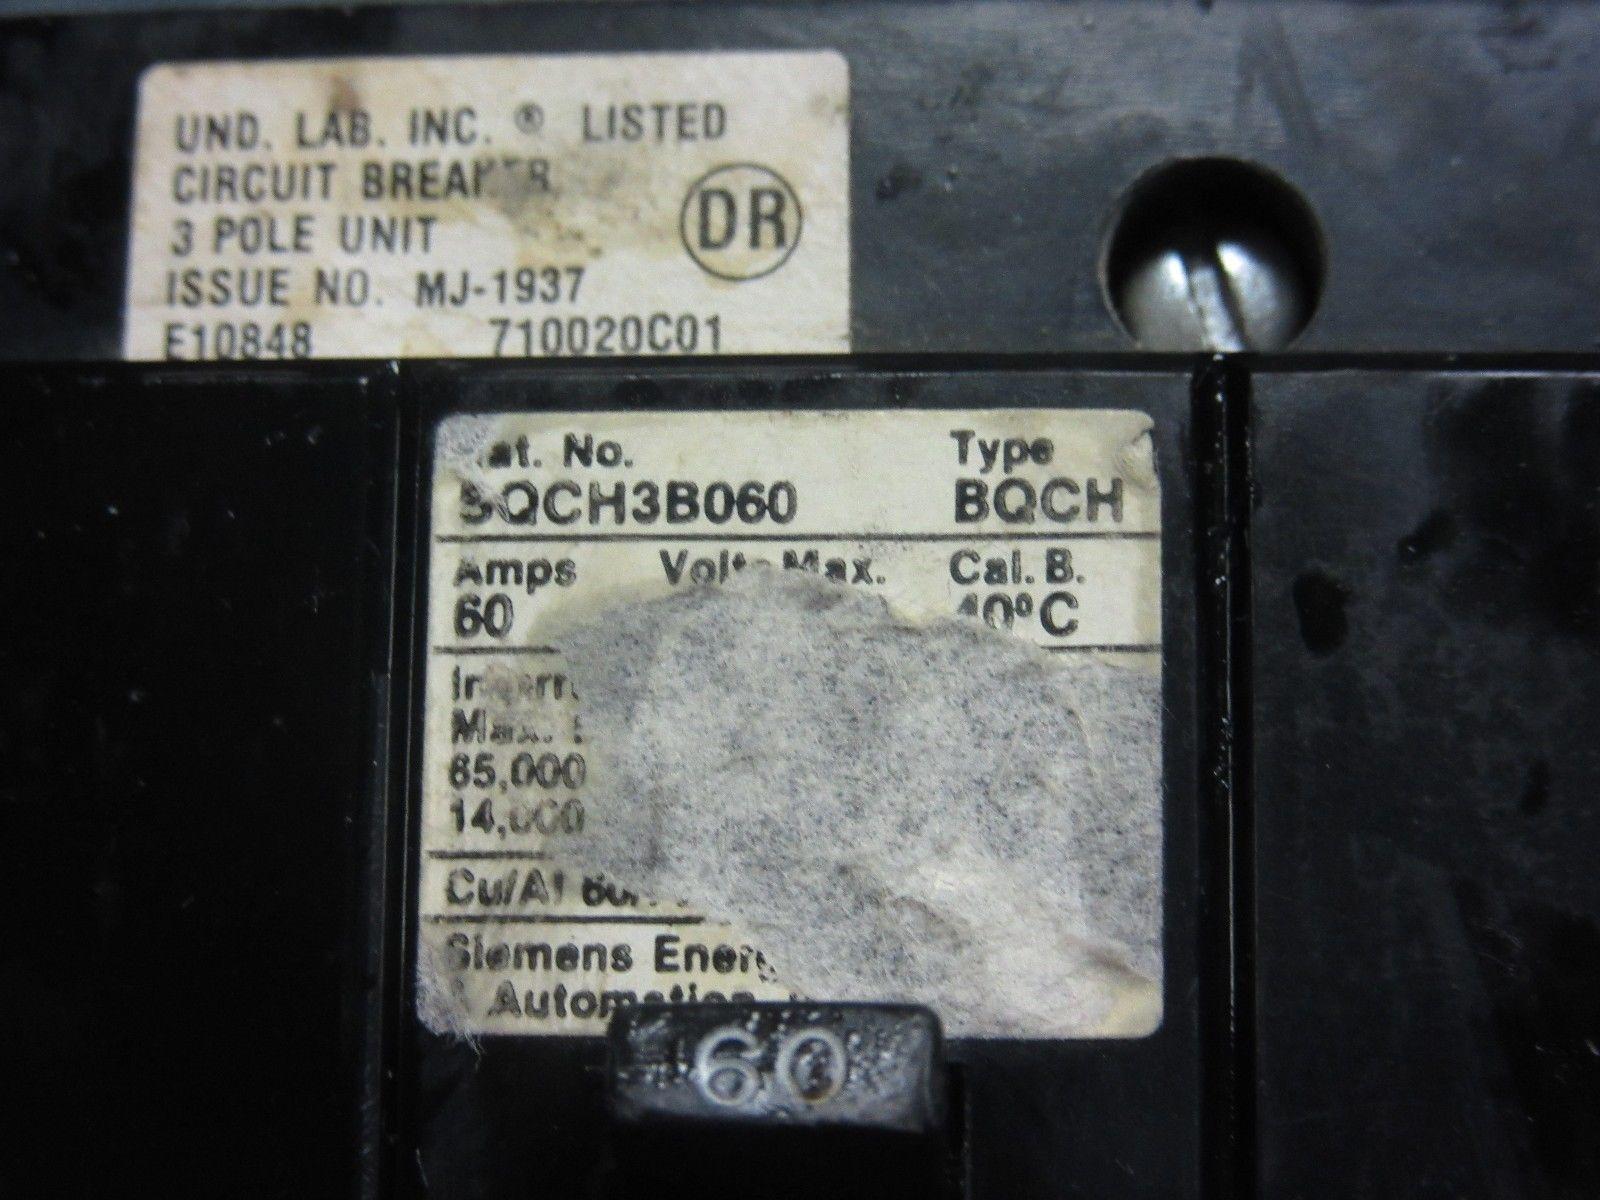 SIEMENS TYPE BQCH 60A 3P 277//480VAC CIRCUIT BREAKER BQCH3B060